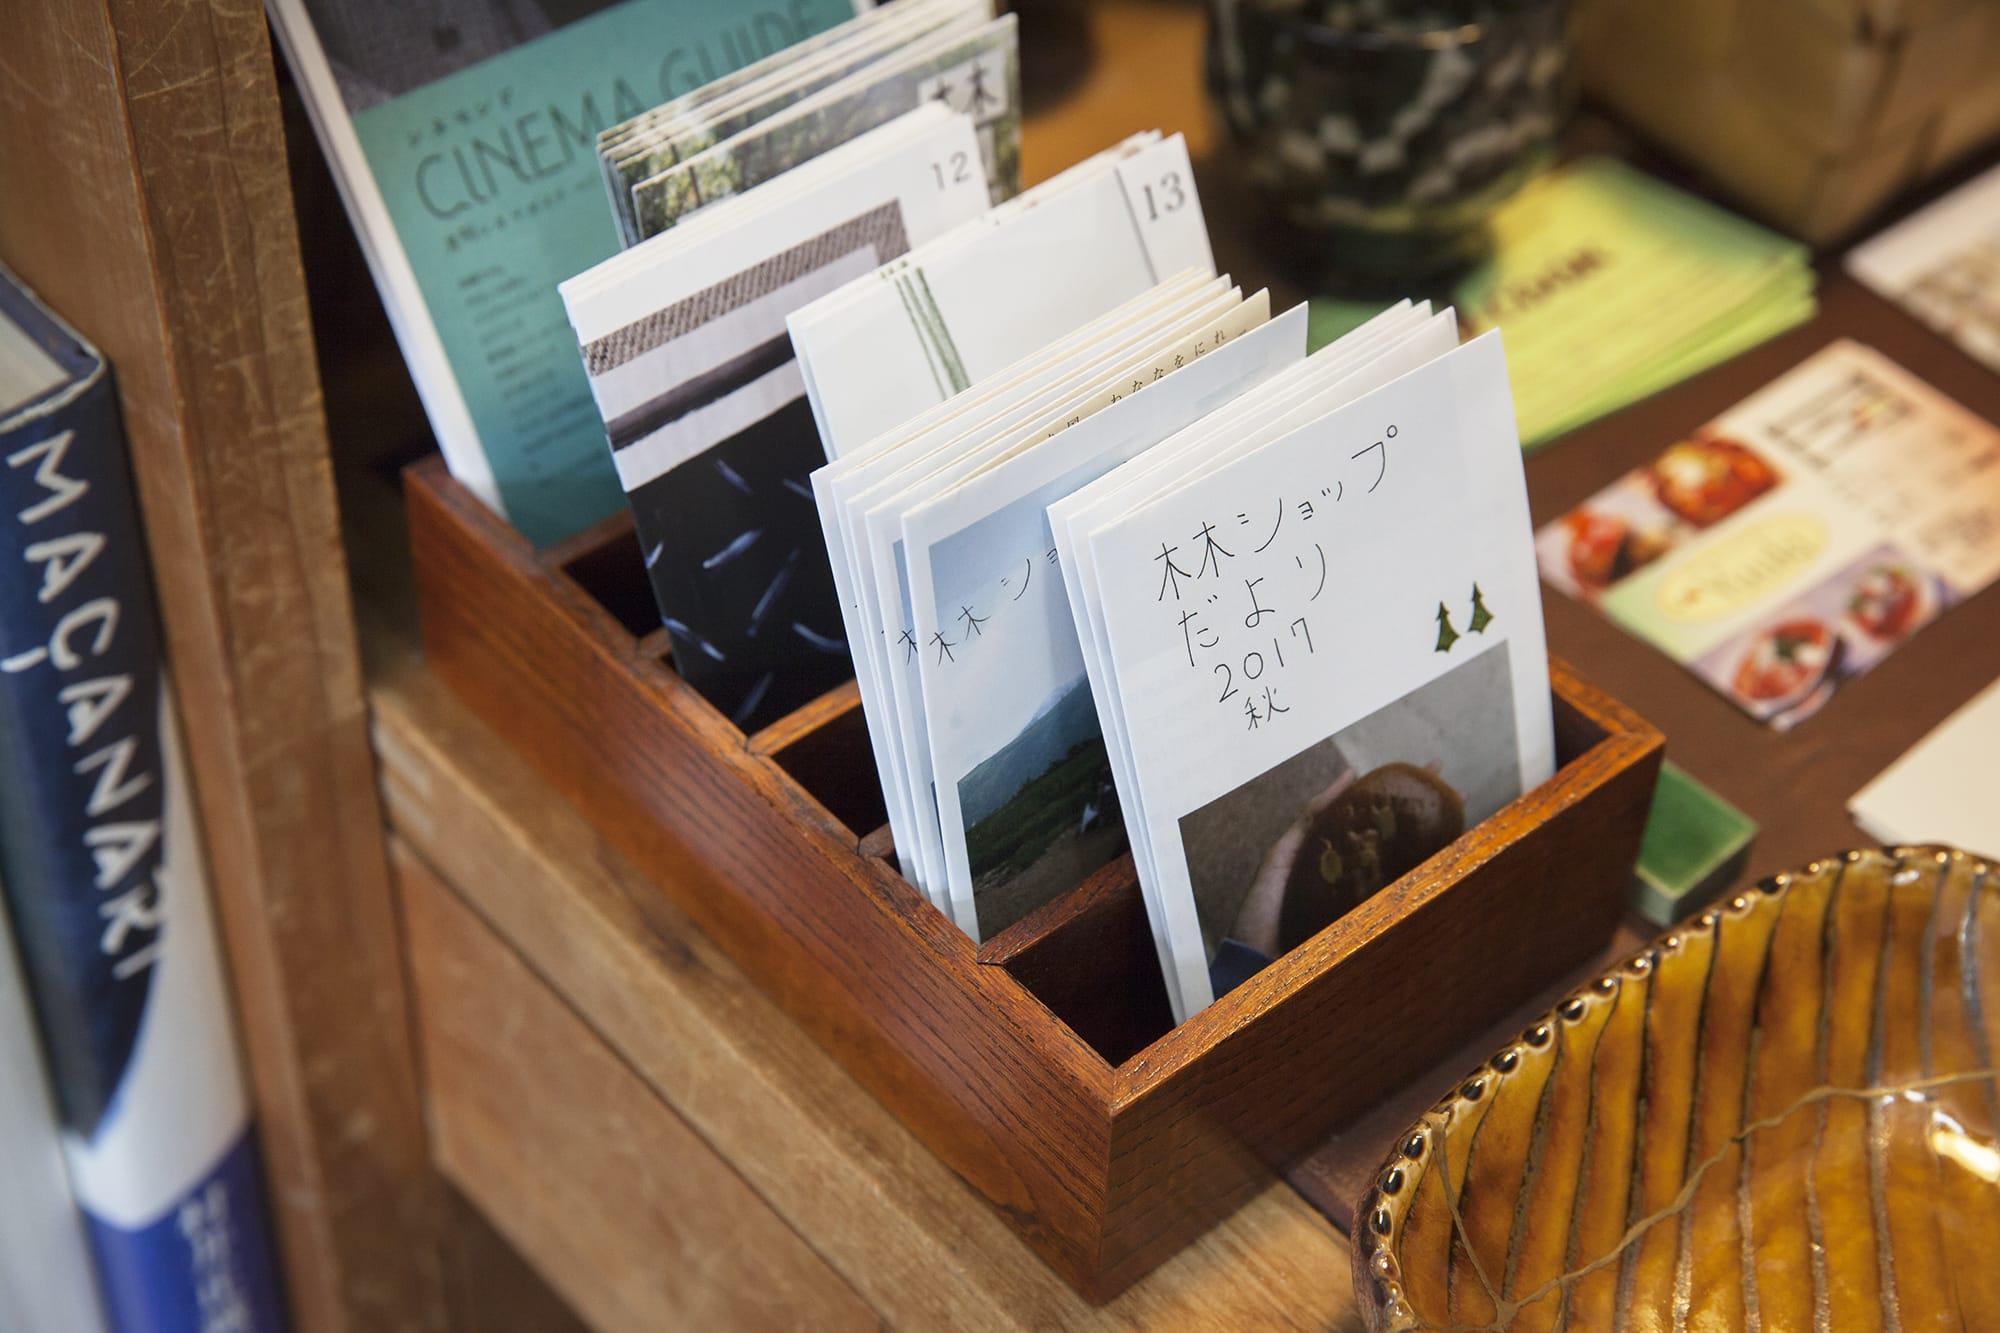 林さんが季刊で発行している「林ショップだより」。商品の案内やエッセイなどが書かれている。※現在、発行はかなり遅れている。